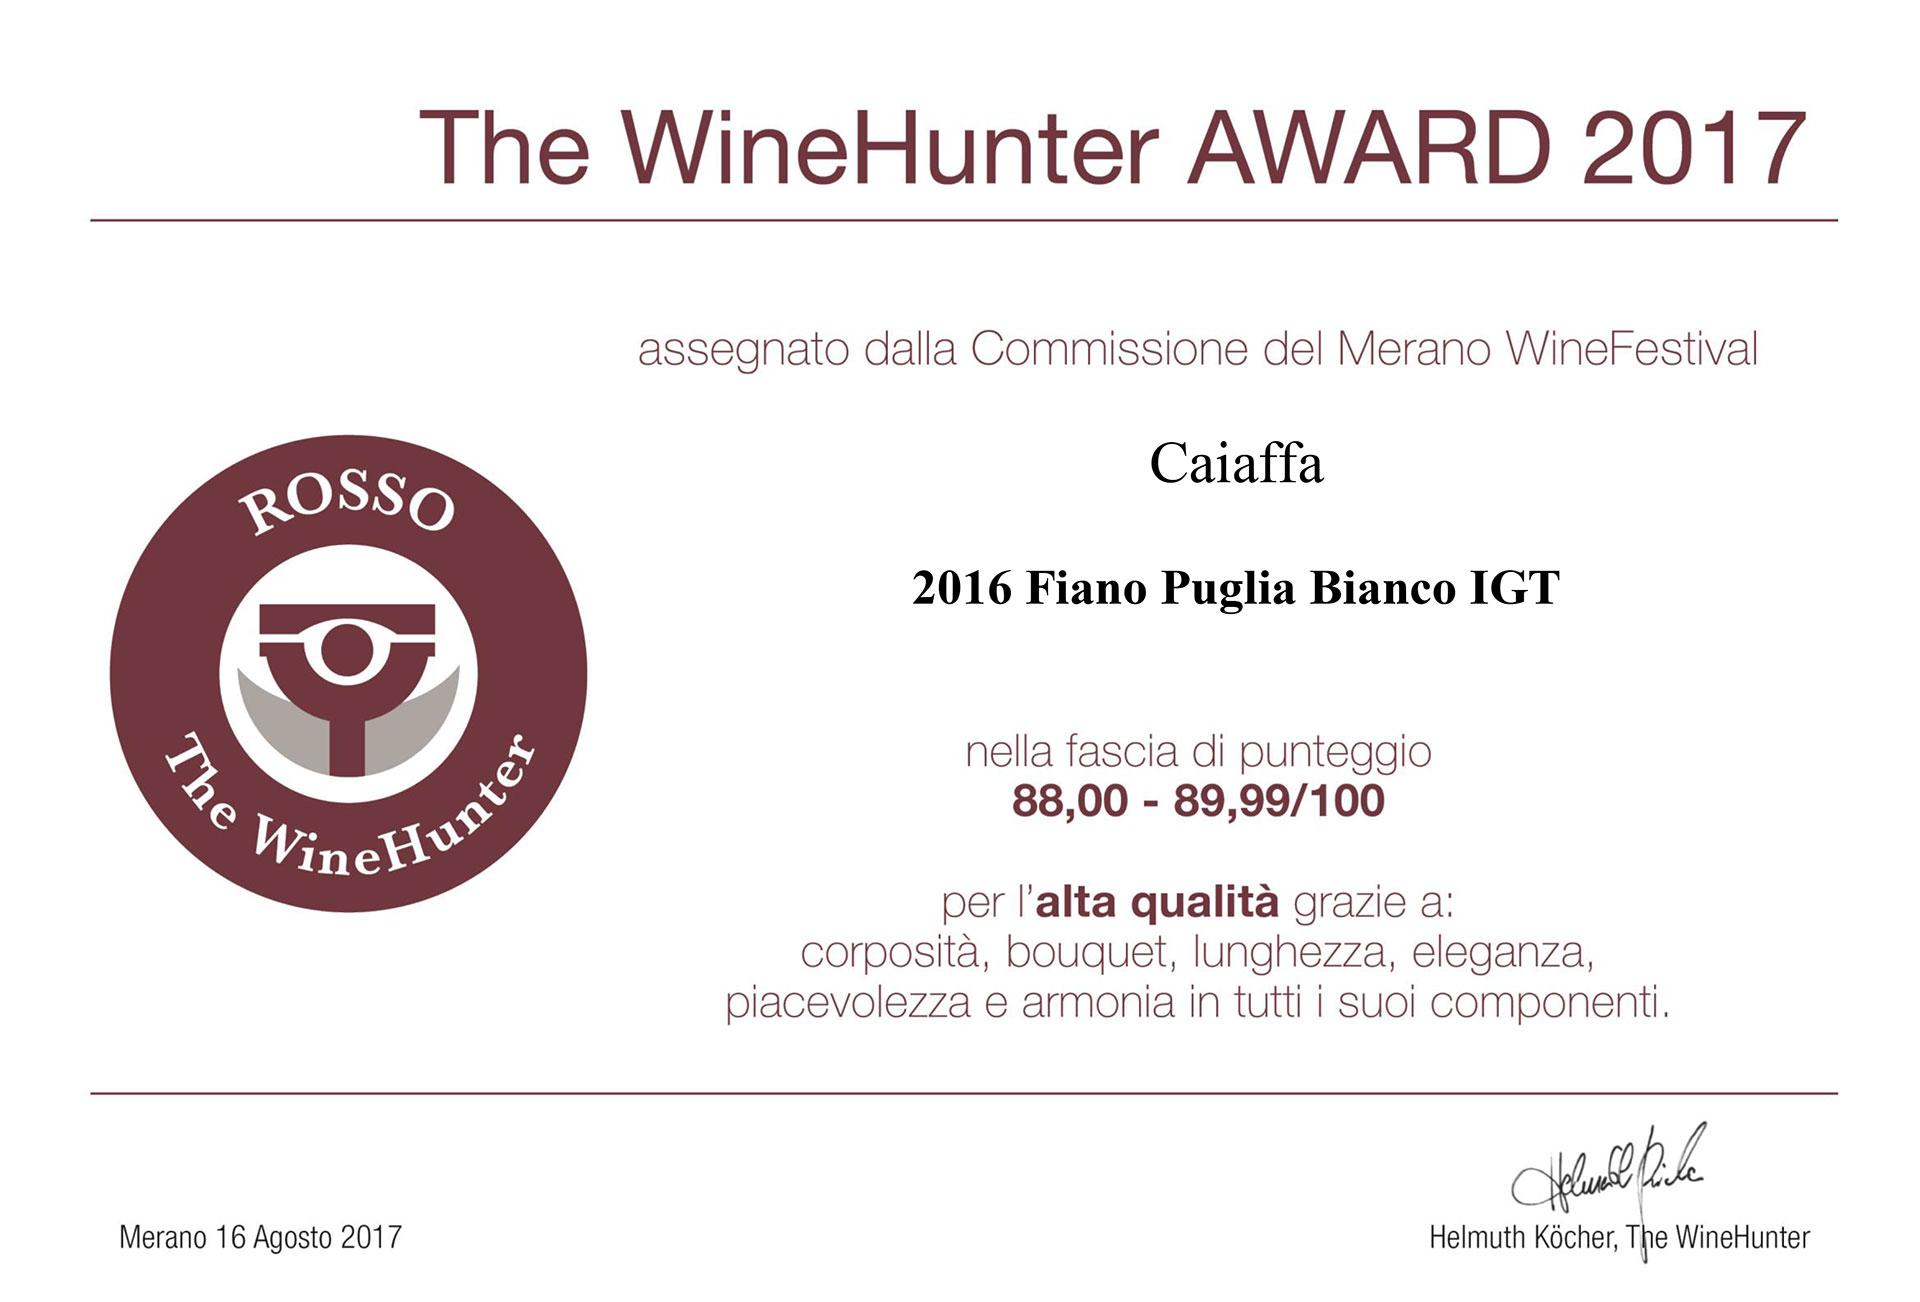 The WineHunter Award 2017